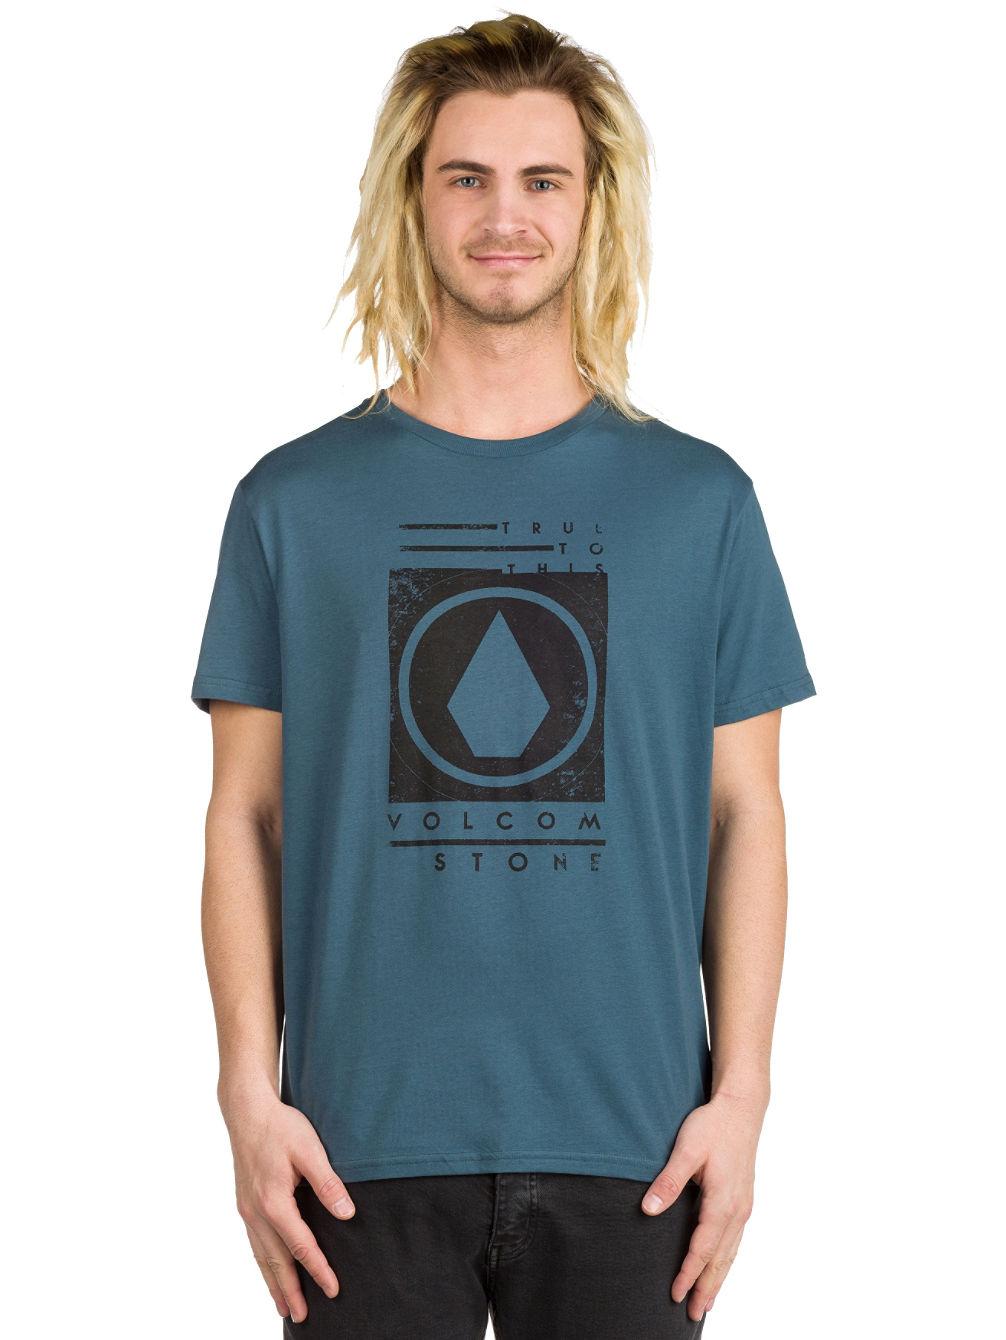 volcom-stone-stamp-t-shirt